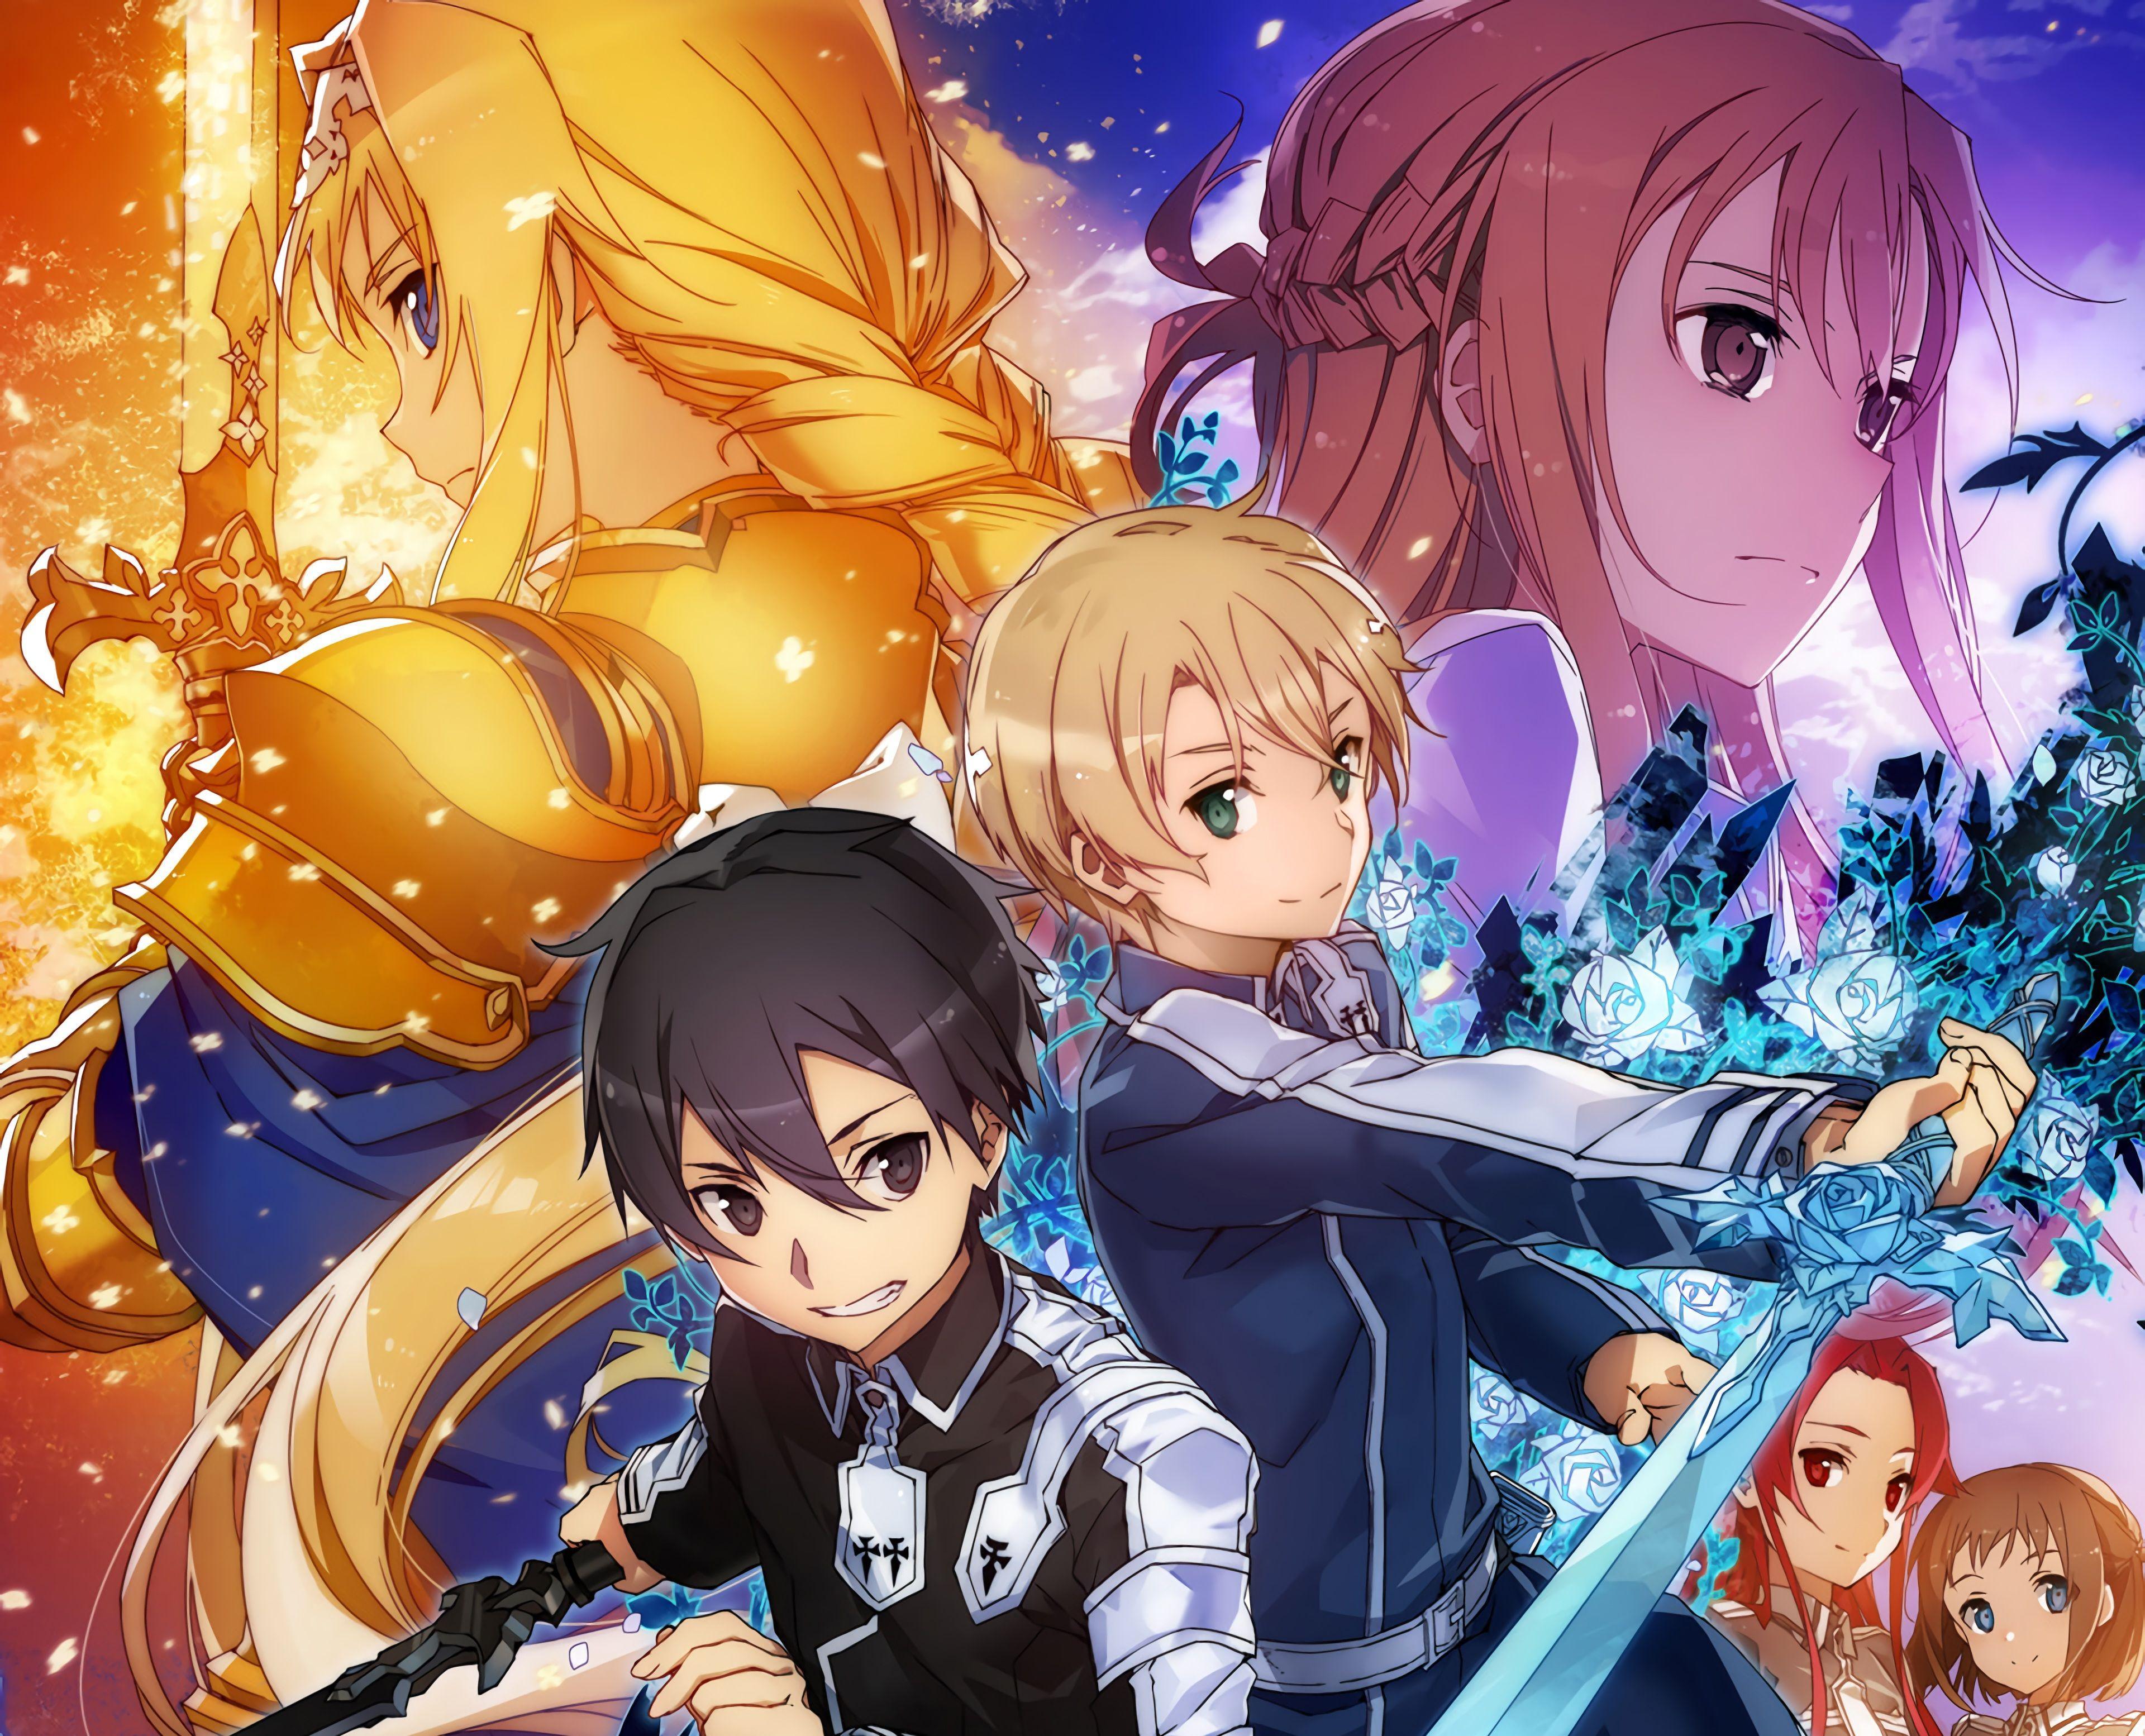 Sword Art Online 4k Wallpapers Top Free Sword Art Online 4k Backgrounds Wallpaperaccess